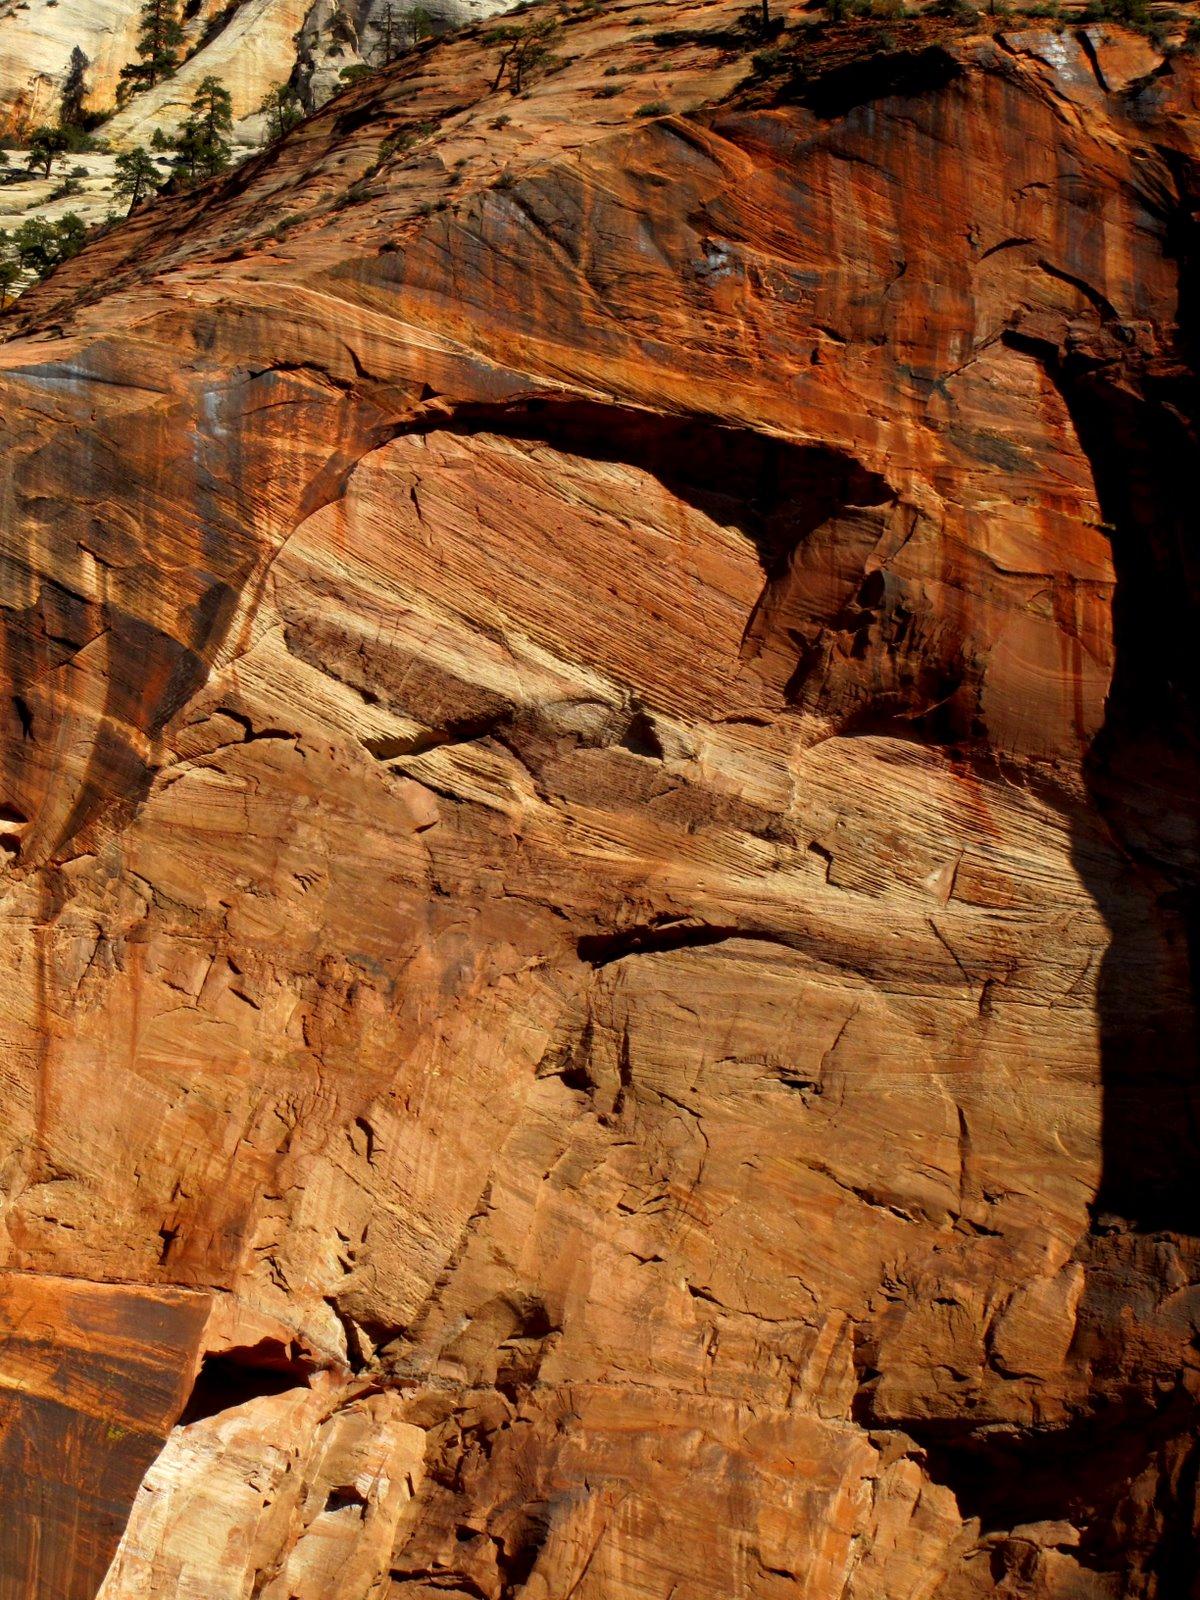 Vörös sziklák  Red rock